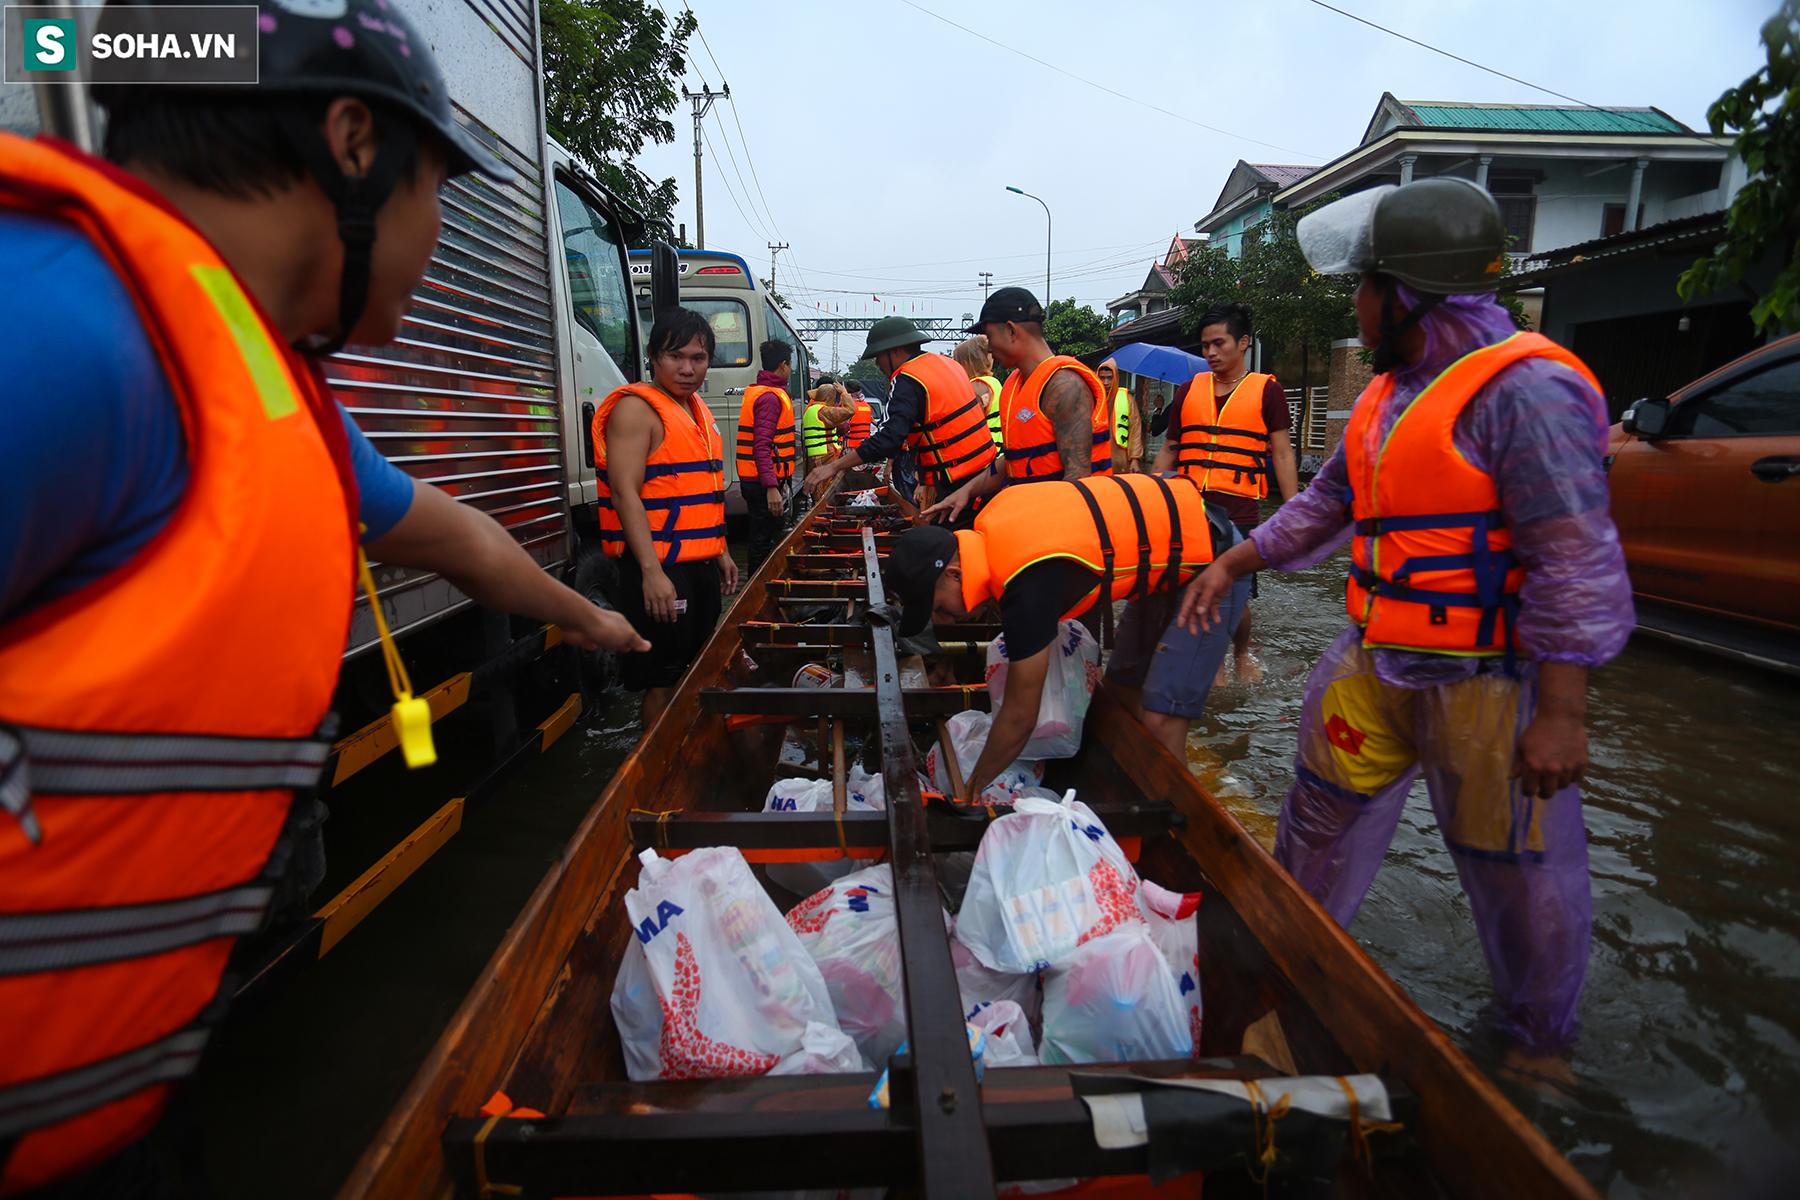 [Ảnh] Người phụ nữ ở Quảng Bình lao ra dòng nước lũ xin đồ ăn cho mẹ già bật khóc khi được cứu hộ khỏi ghe lật  - Ảnh 13.